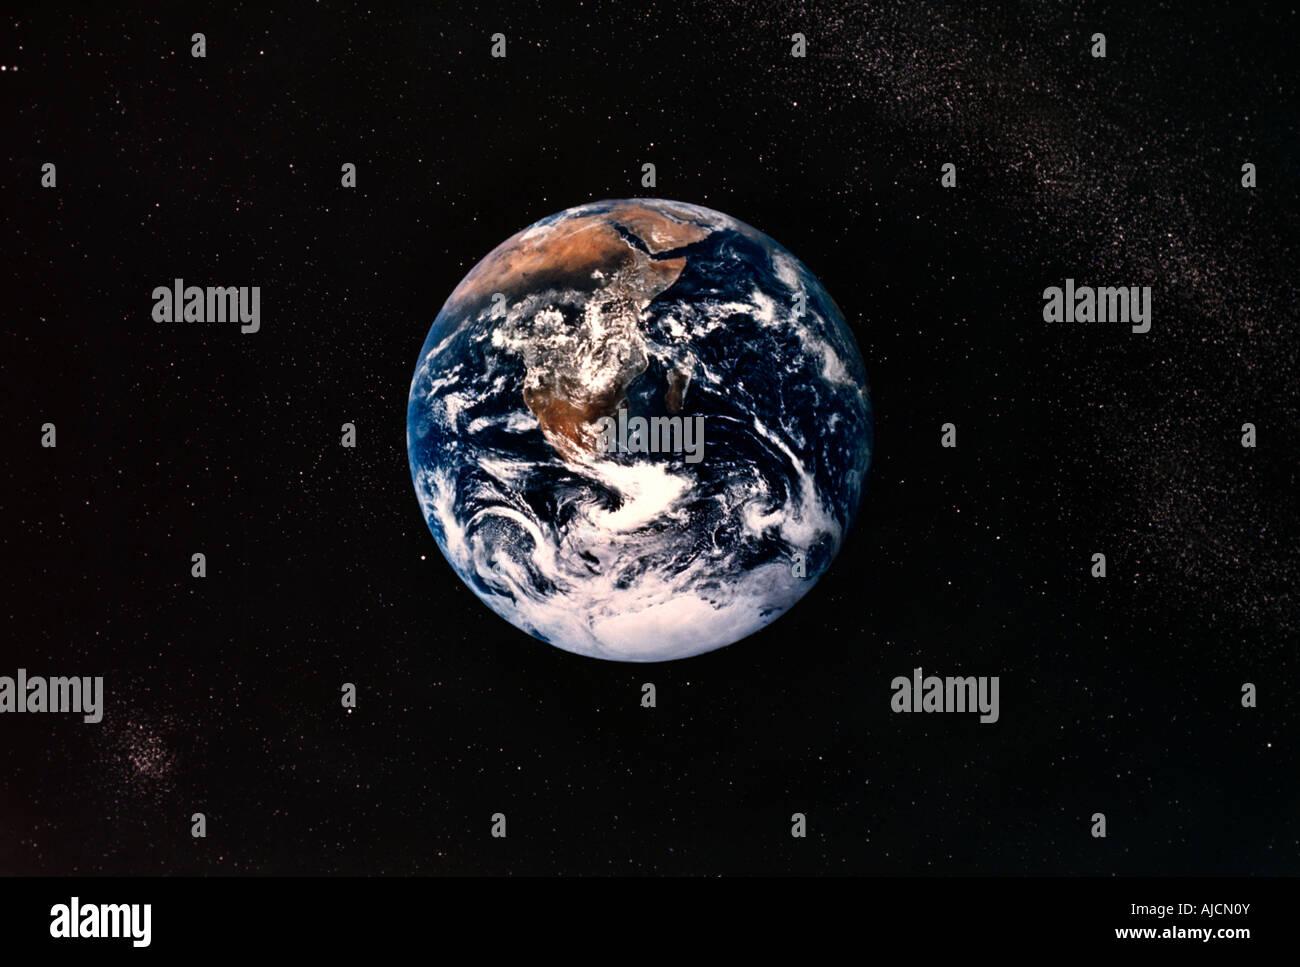 La terre de l'espace planète ronde Afrique cercle circulaire Photo Stock